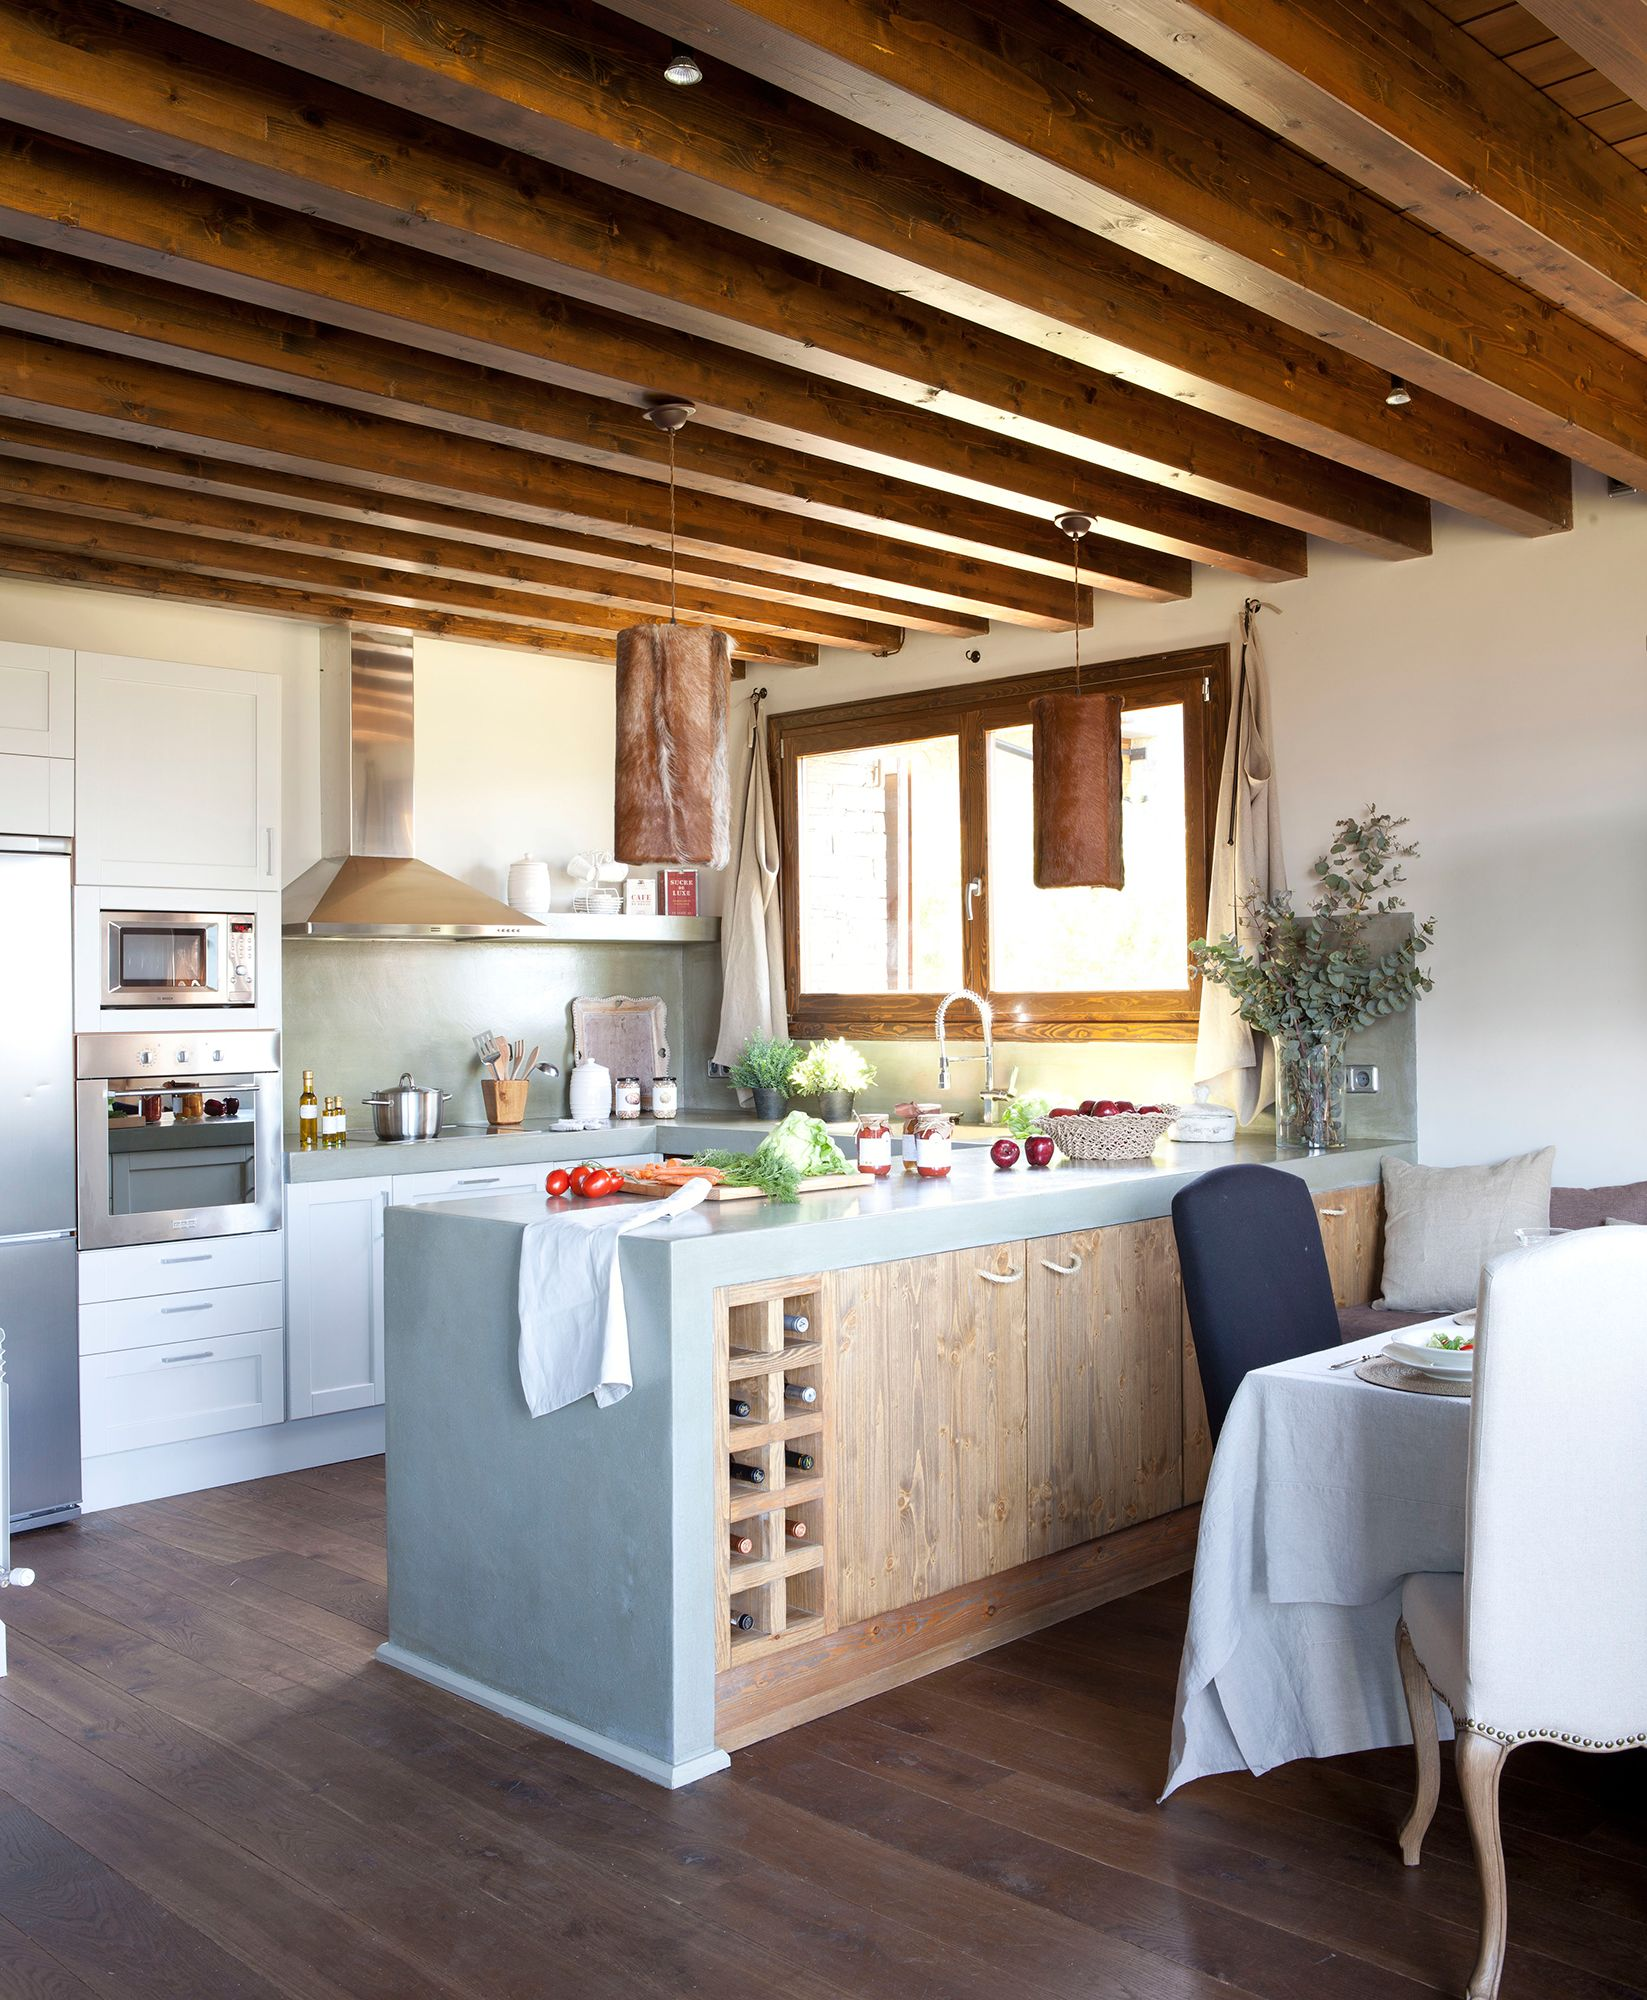 Cocina Con Techo De Vigas Y Muebles De Madera Con Office_ 00326347  ~ Techos Decorativos Para Interiores